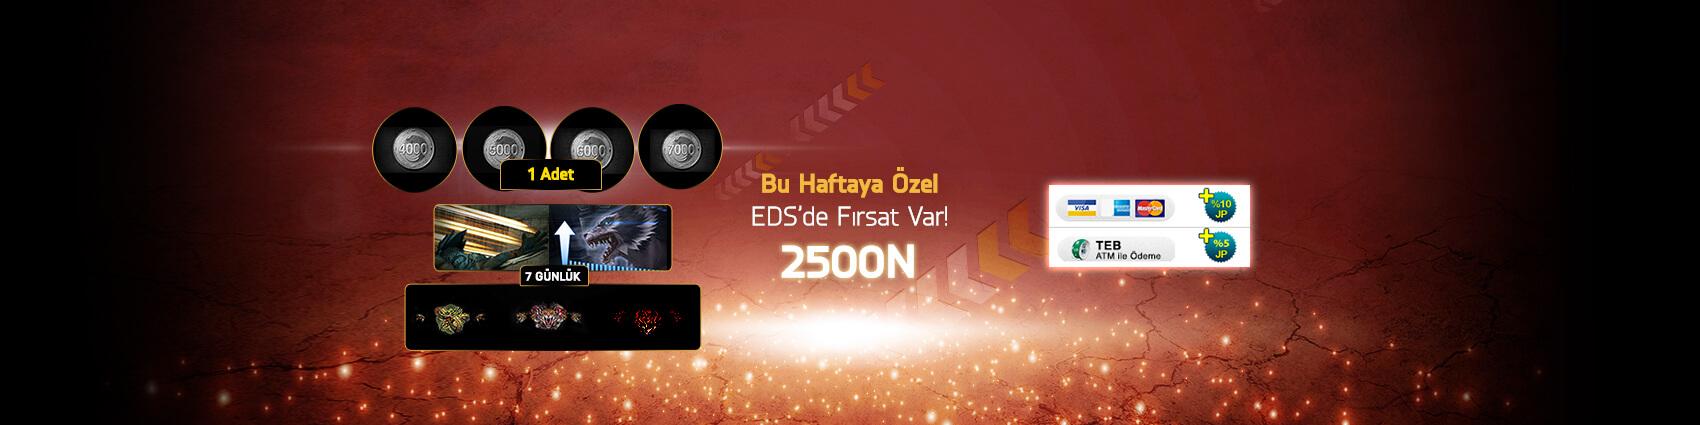 EDS 2500N